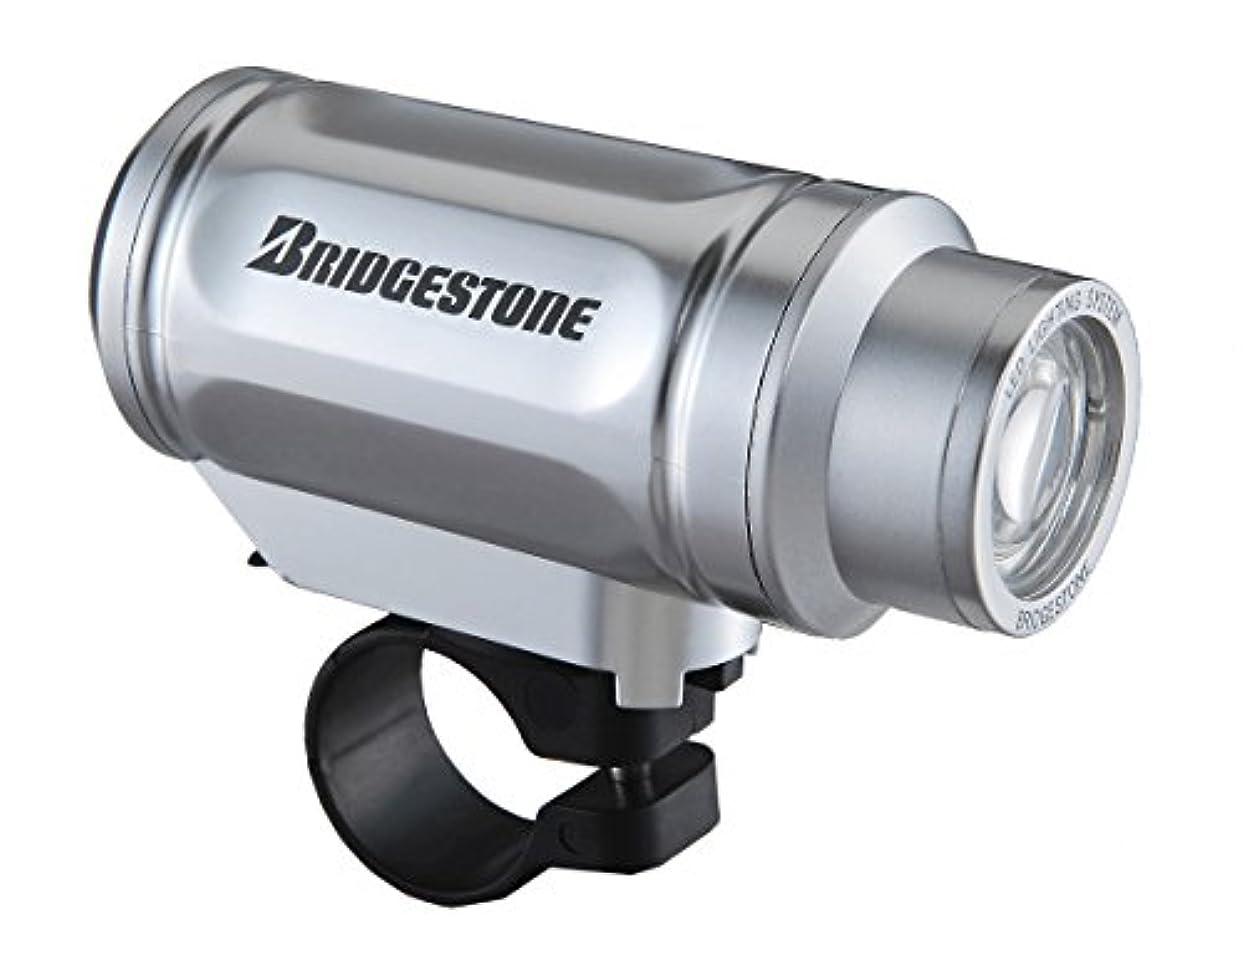 評価可能パーツペルーBRIDGESTONE(ブリヂストン) 超長寿命ランプ LED300 シルバー